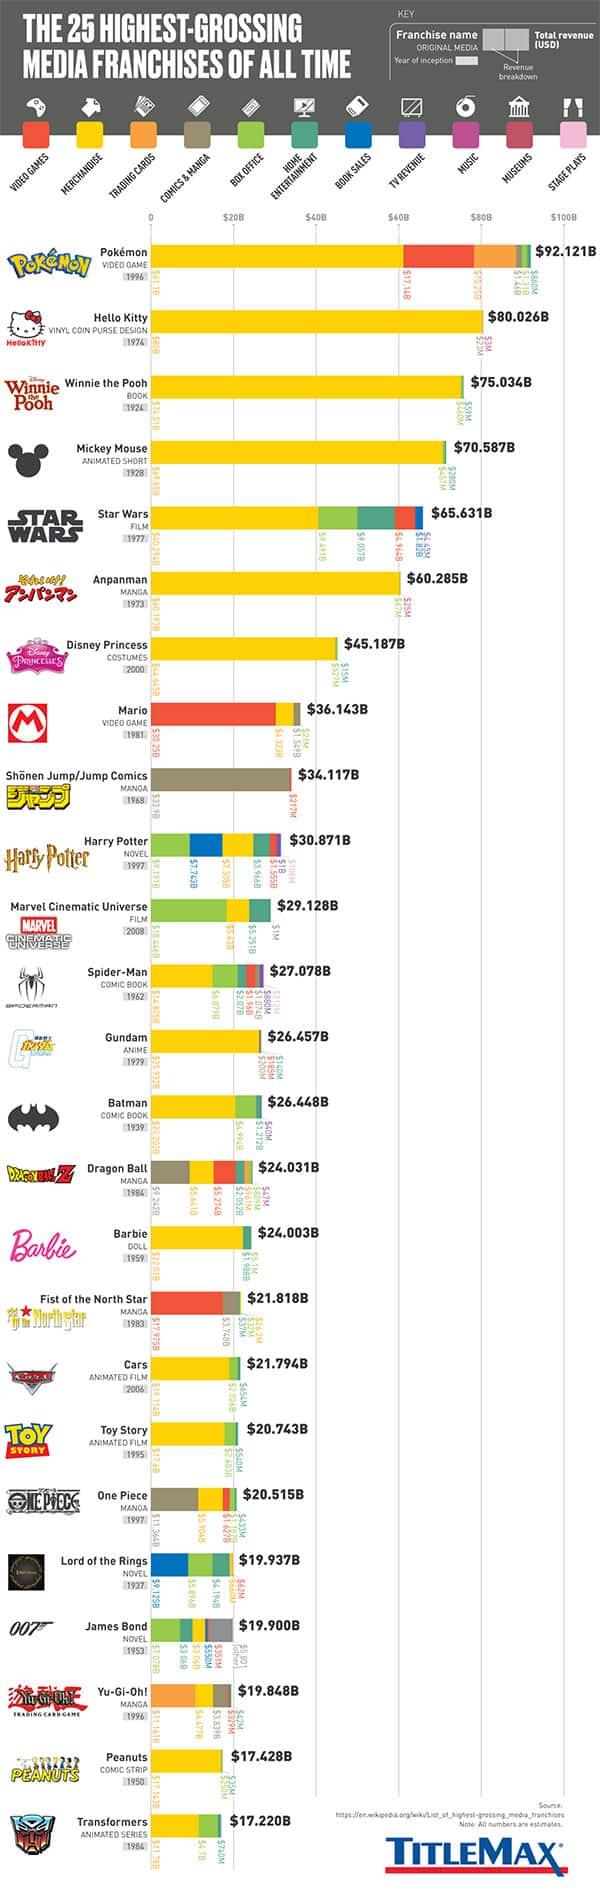 25 Highest Grossing Media Franchises